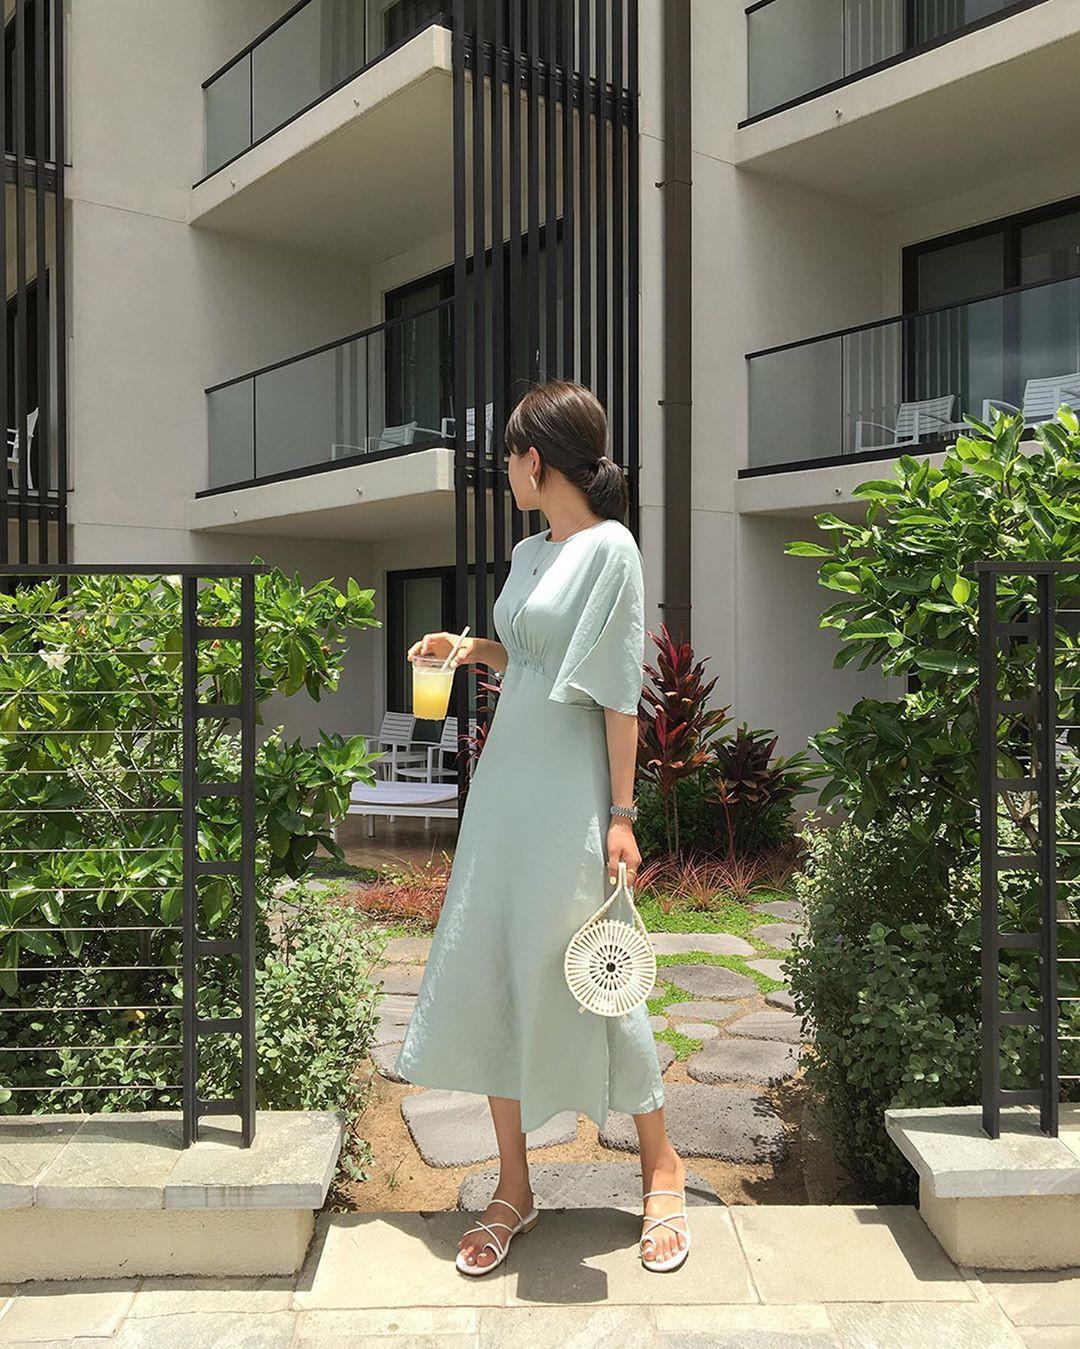 Nô nức diện váy thô mùa hè cho mát, muốn mặc đẹp hãy tham khảo 15 bộ đồ từ street style Châu Á này - Ảnh 3.